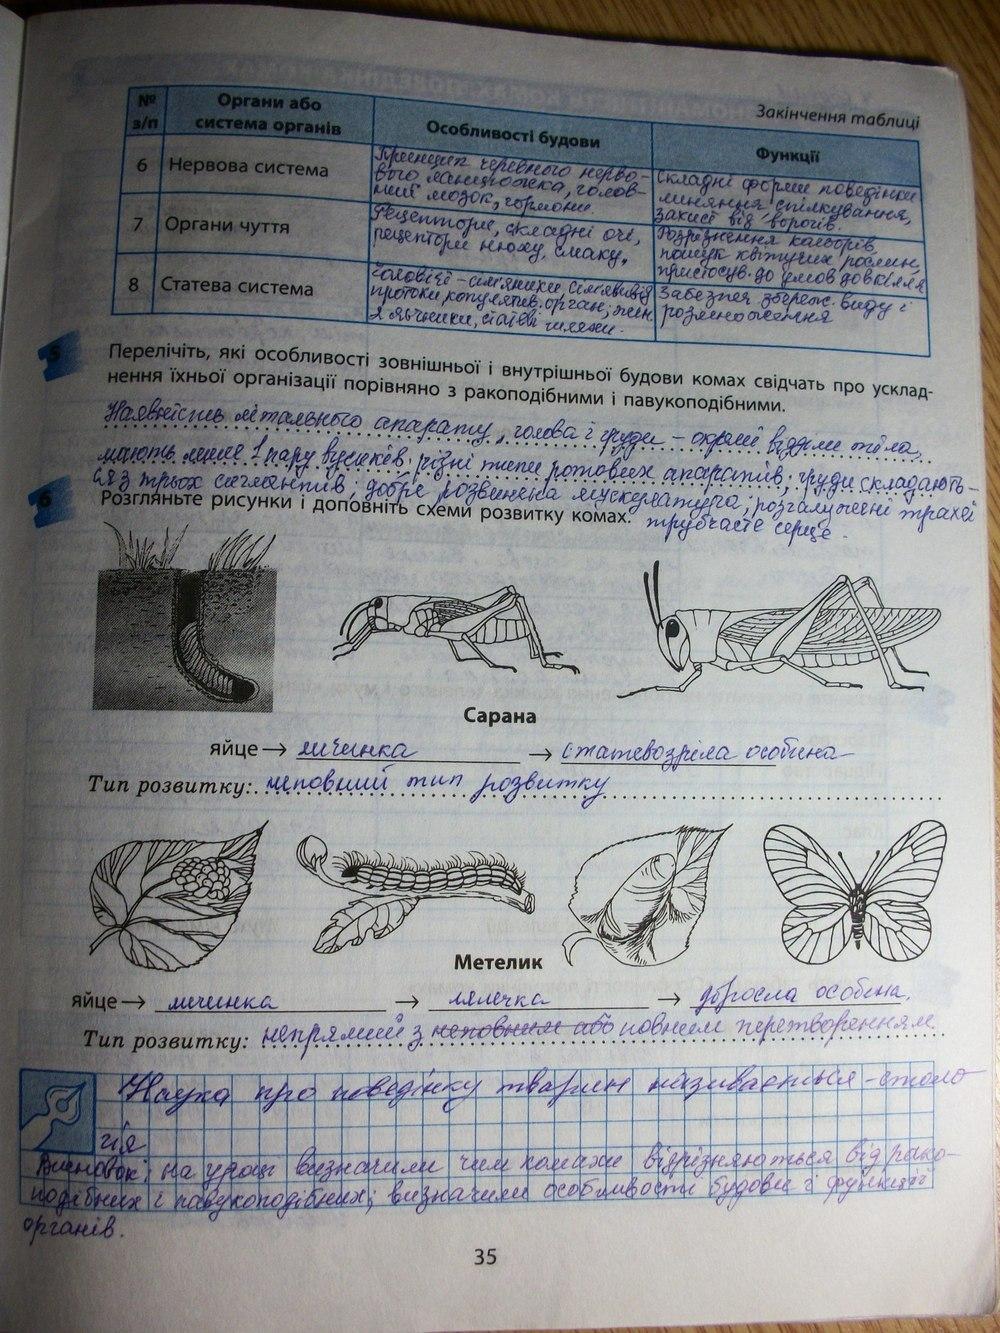 класс 11 для биологии таглина решебник по тетради котик